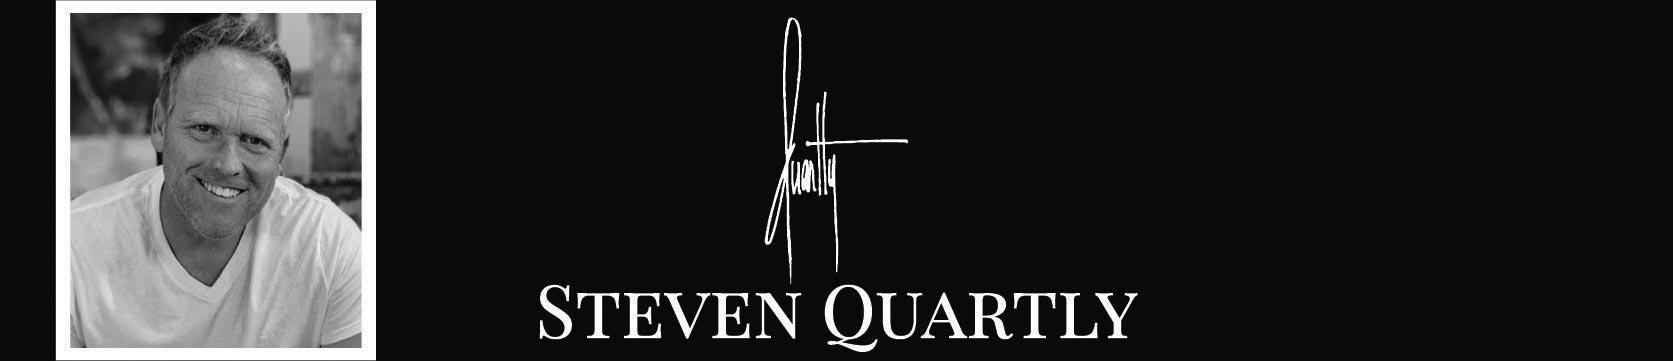 Steven Quartly Artist